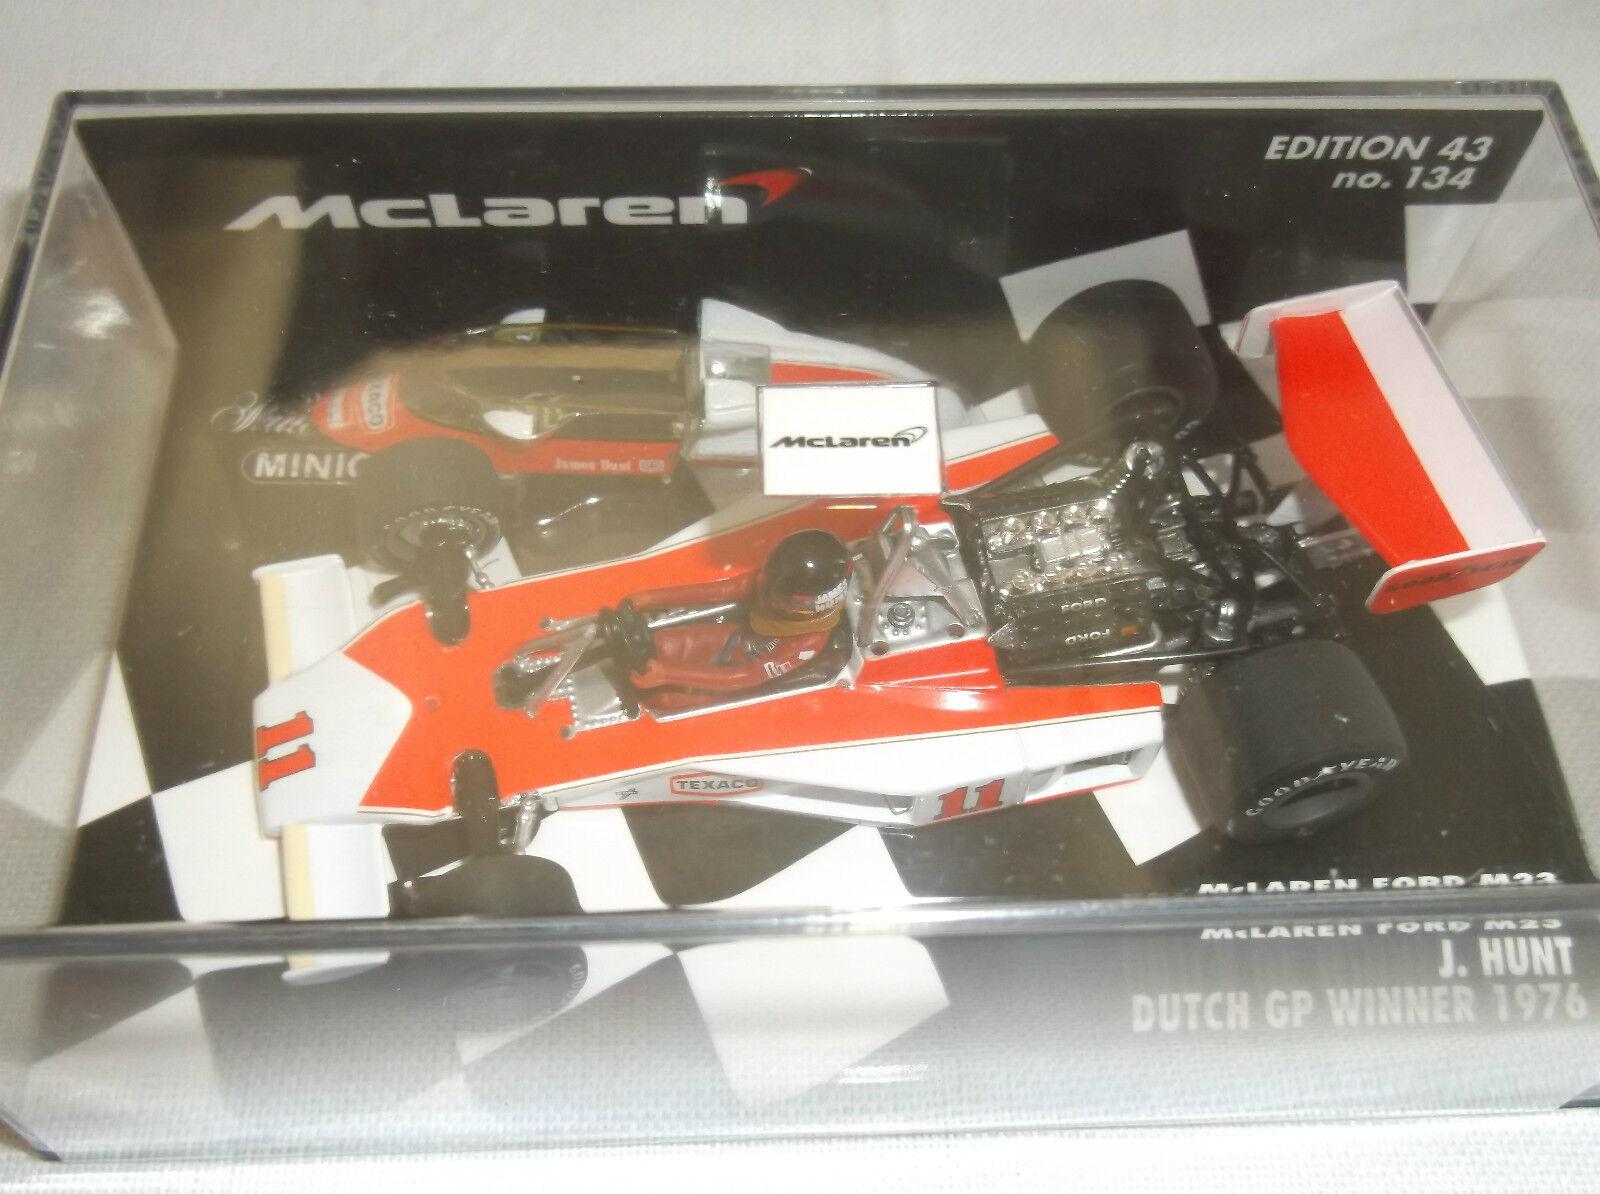 NEW MINICHAMPS 1 43  J. Hunt  McLaren Ford M23  Dutch GP Winner 1976 F1